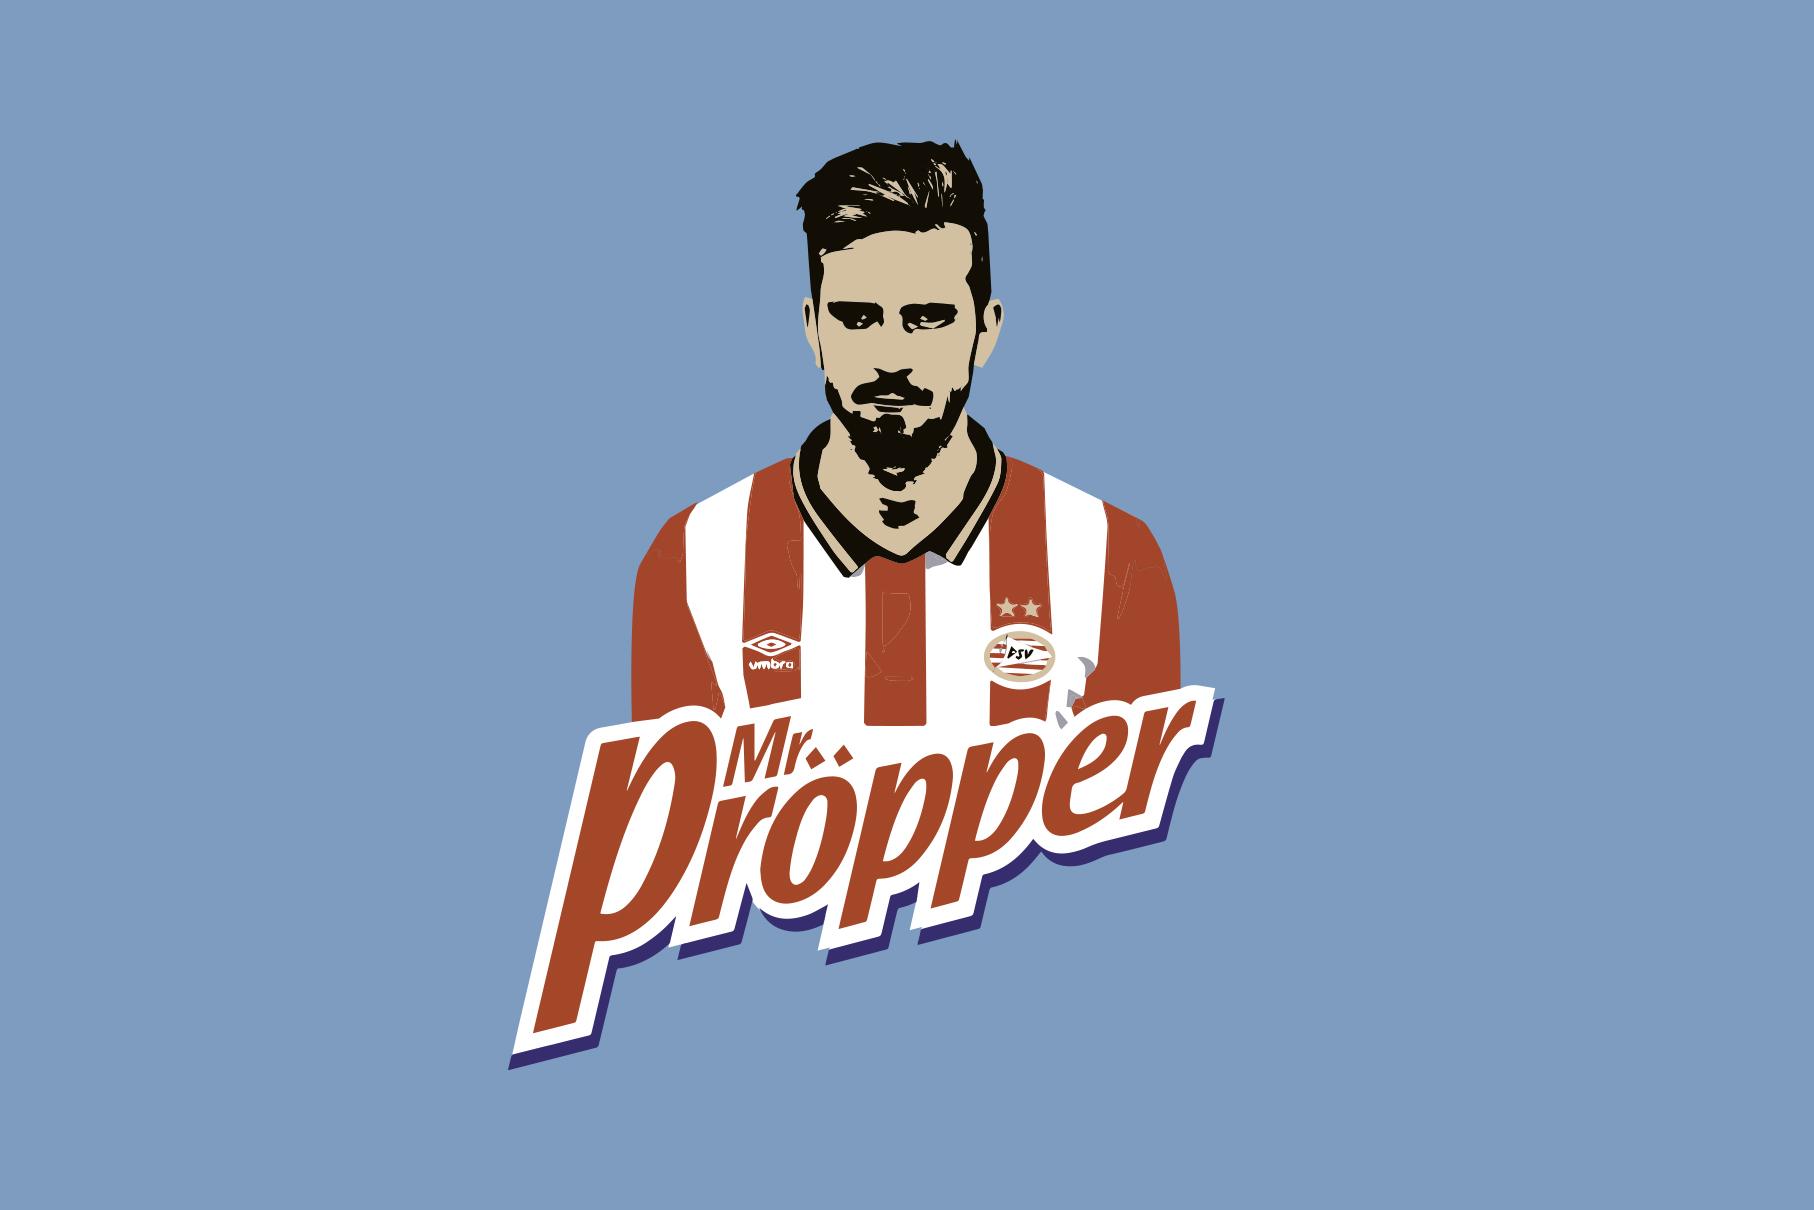 mr_propper